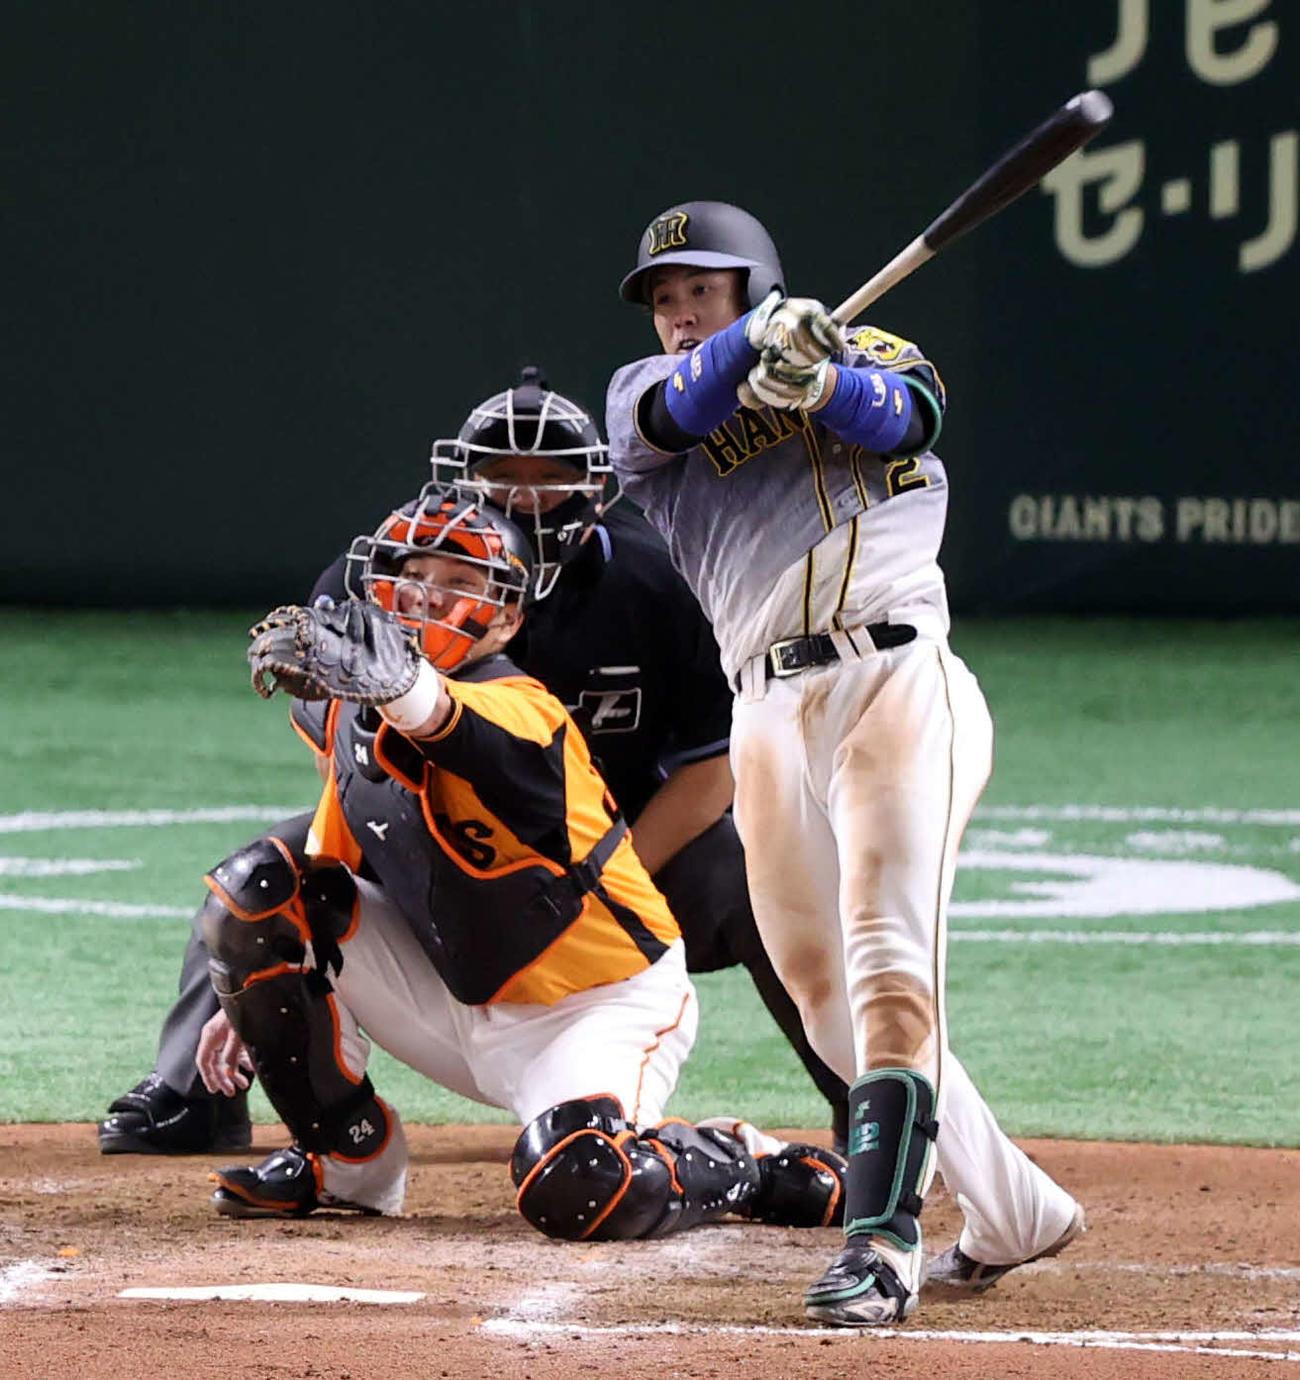 巨人対阪神 7回表阪神2死満塁、2点適時二塁打を放つ梅野。投手高木(撮影・狩俣裕三)